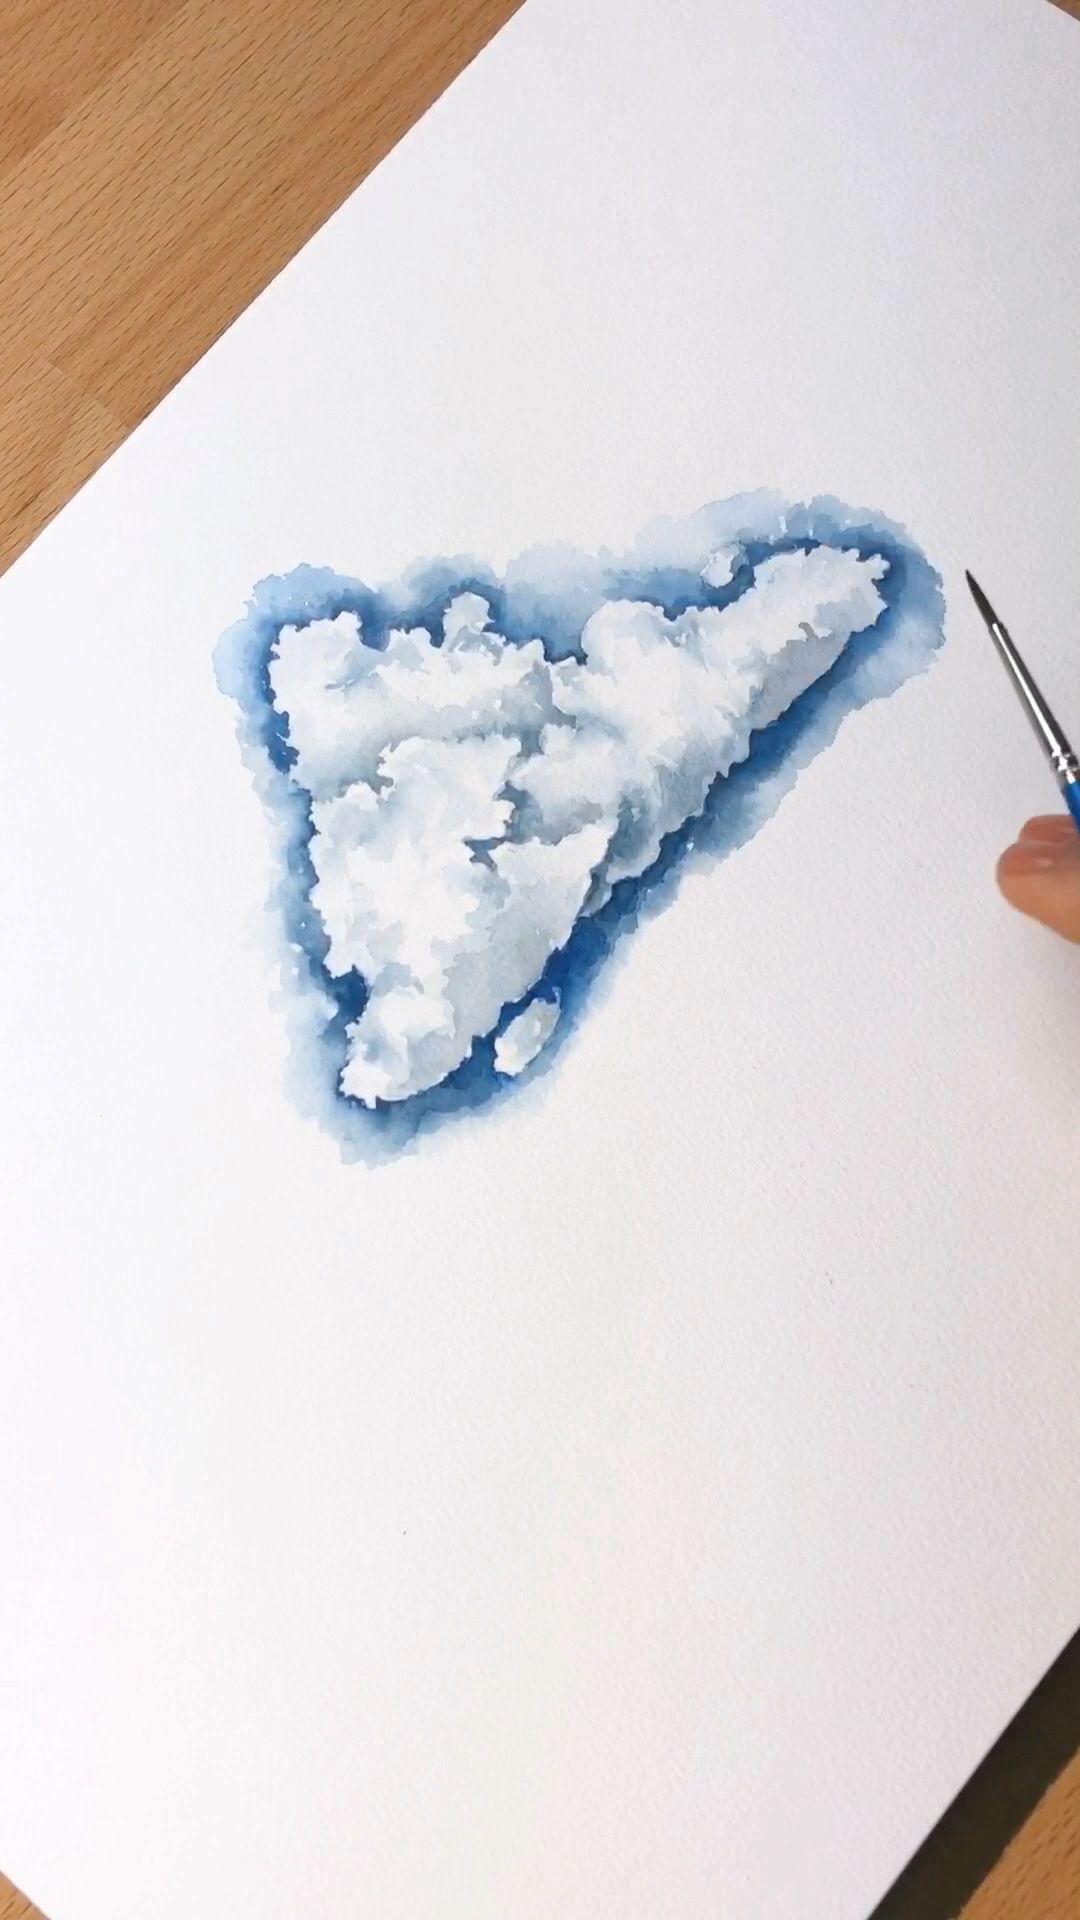 How I individual clouds, a quick video tutorial. #arttutorials #artteacher #artteachersofinstagram #instaart #artwork #tutorial #artvideos #clouds #watercolor #watercolorart #watercolorartist #painting